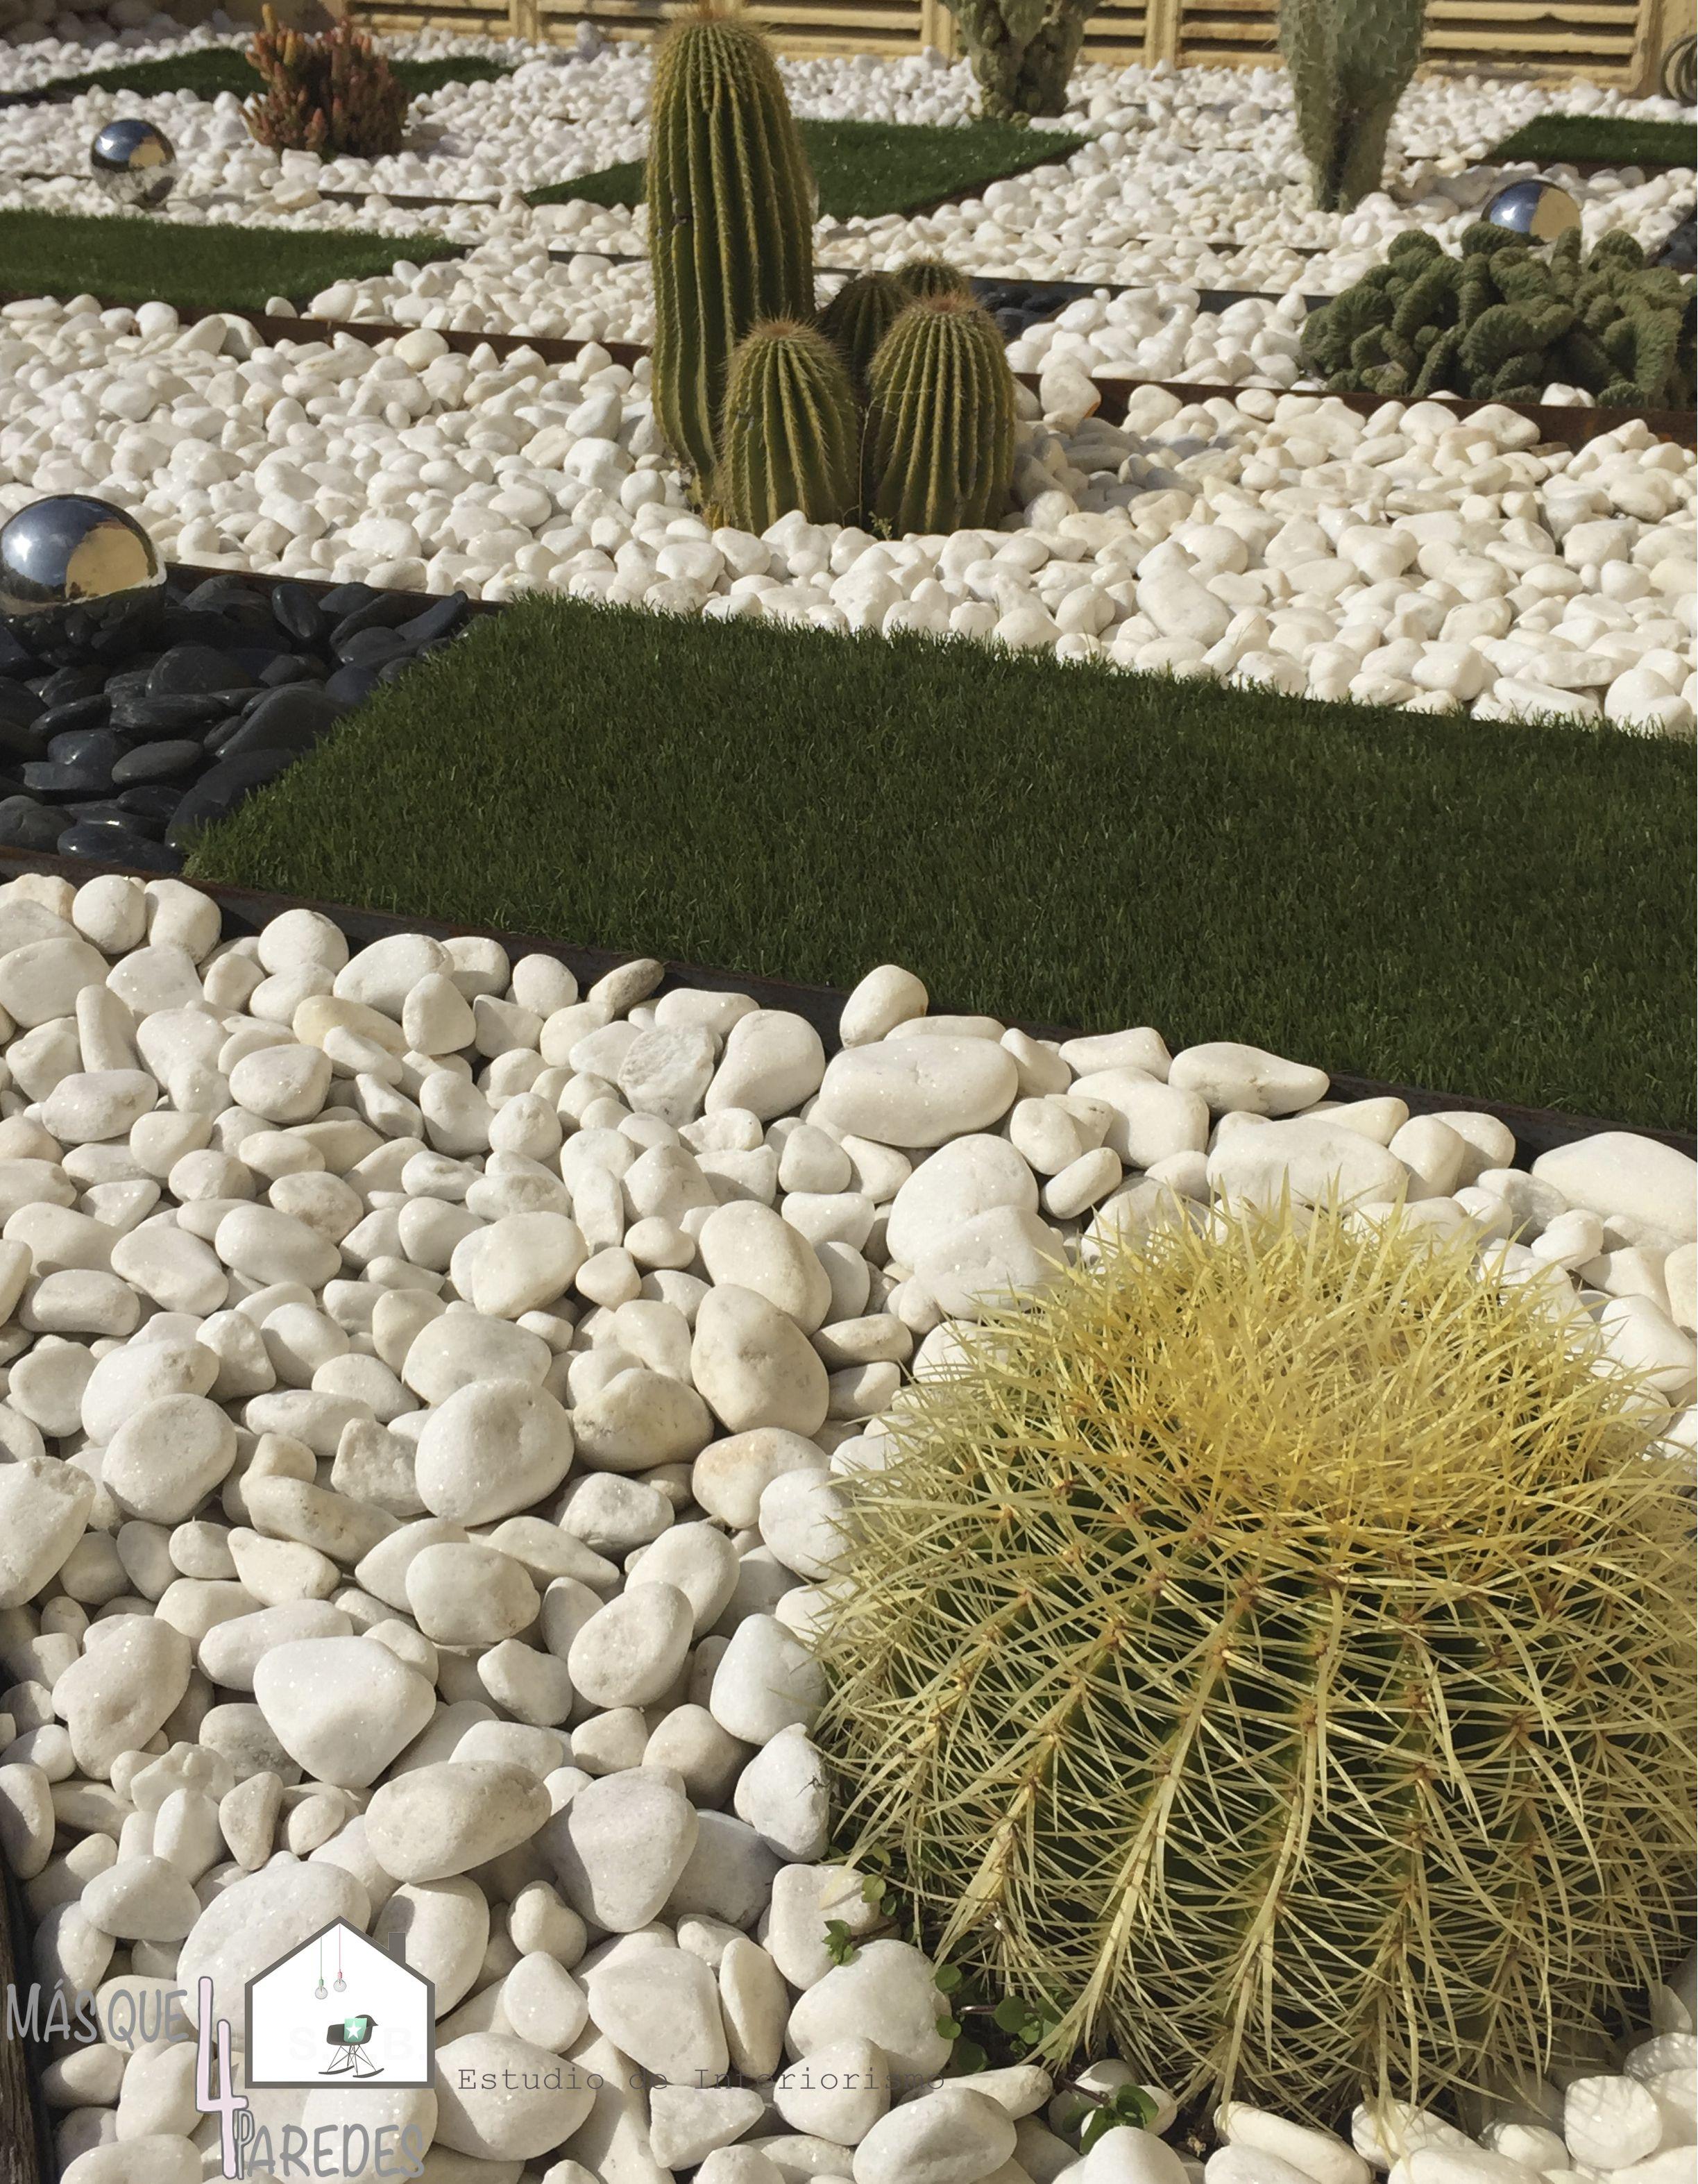 Dise o de jard n minimalista compuesto por cactus piedra - Jardines con cactus y piedras ...